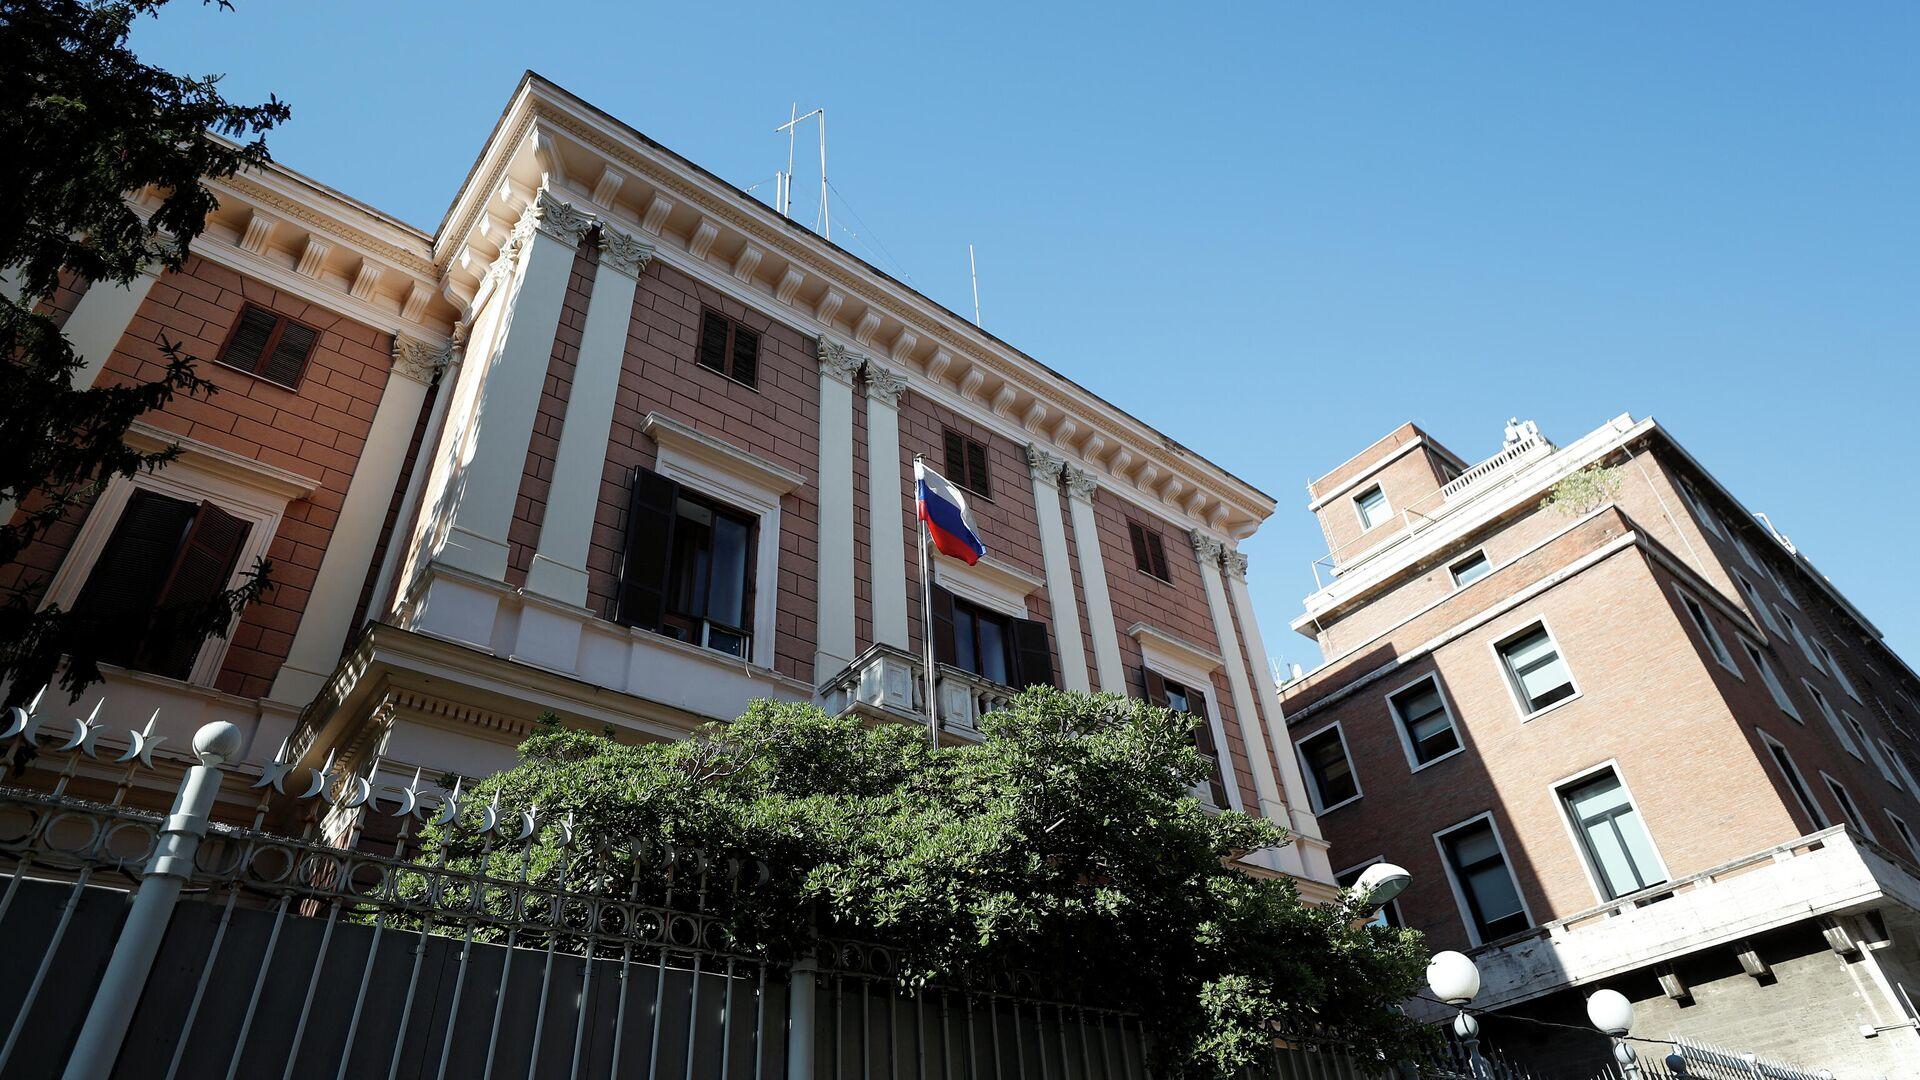 Embajada de Rusia en Roma, Italia - Sputnik Mundo, 1920, 02.04.2021